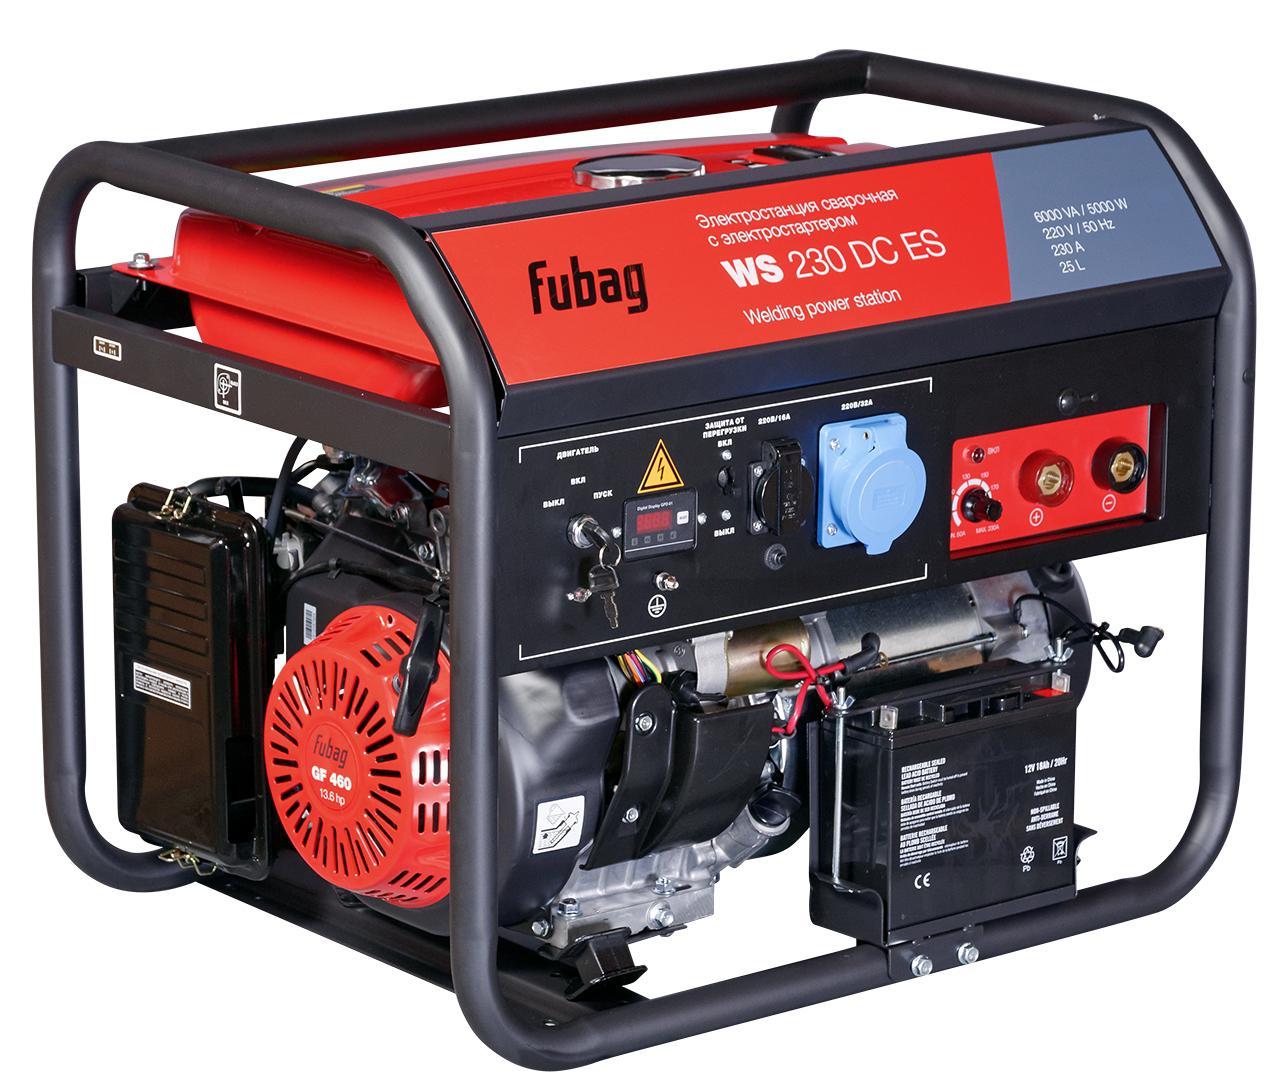 Бензиновый генератор Fubag Ws 230 dc es cкобы fubag 1 05х1 25мм 5 7х22 0 5000шт 140131